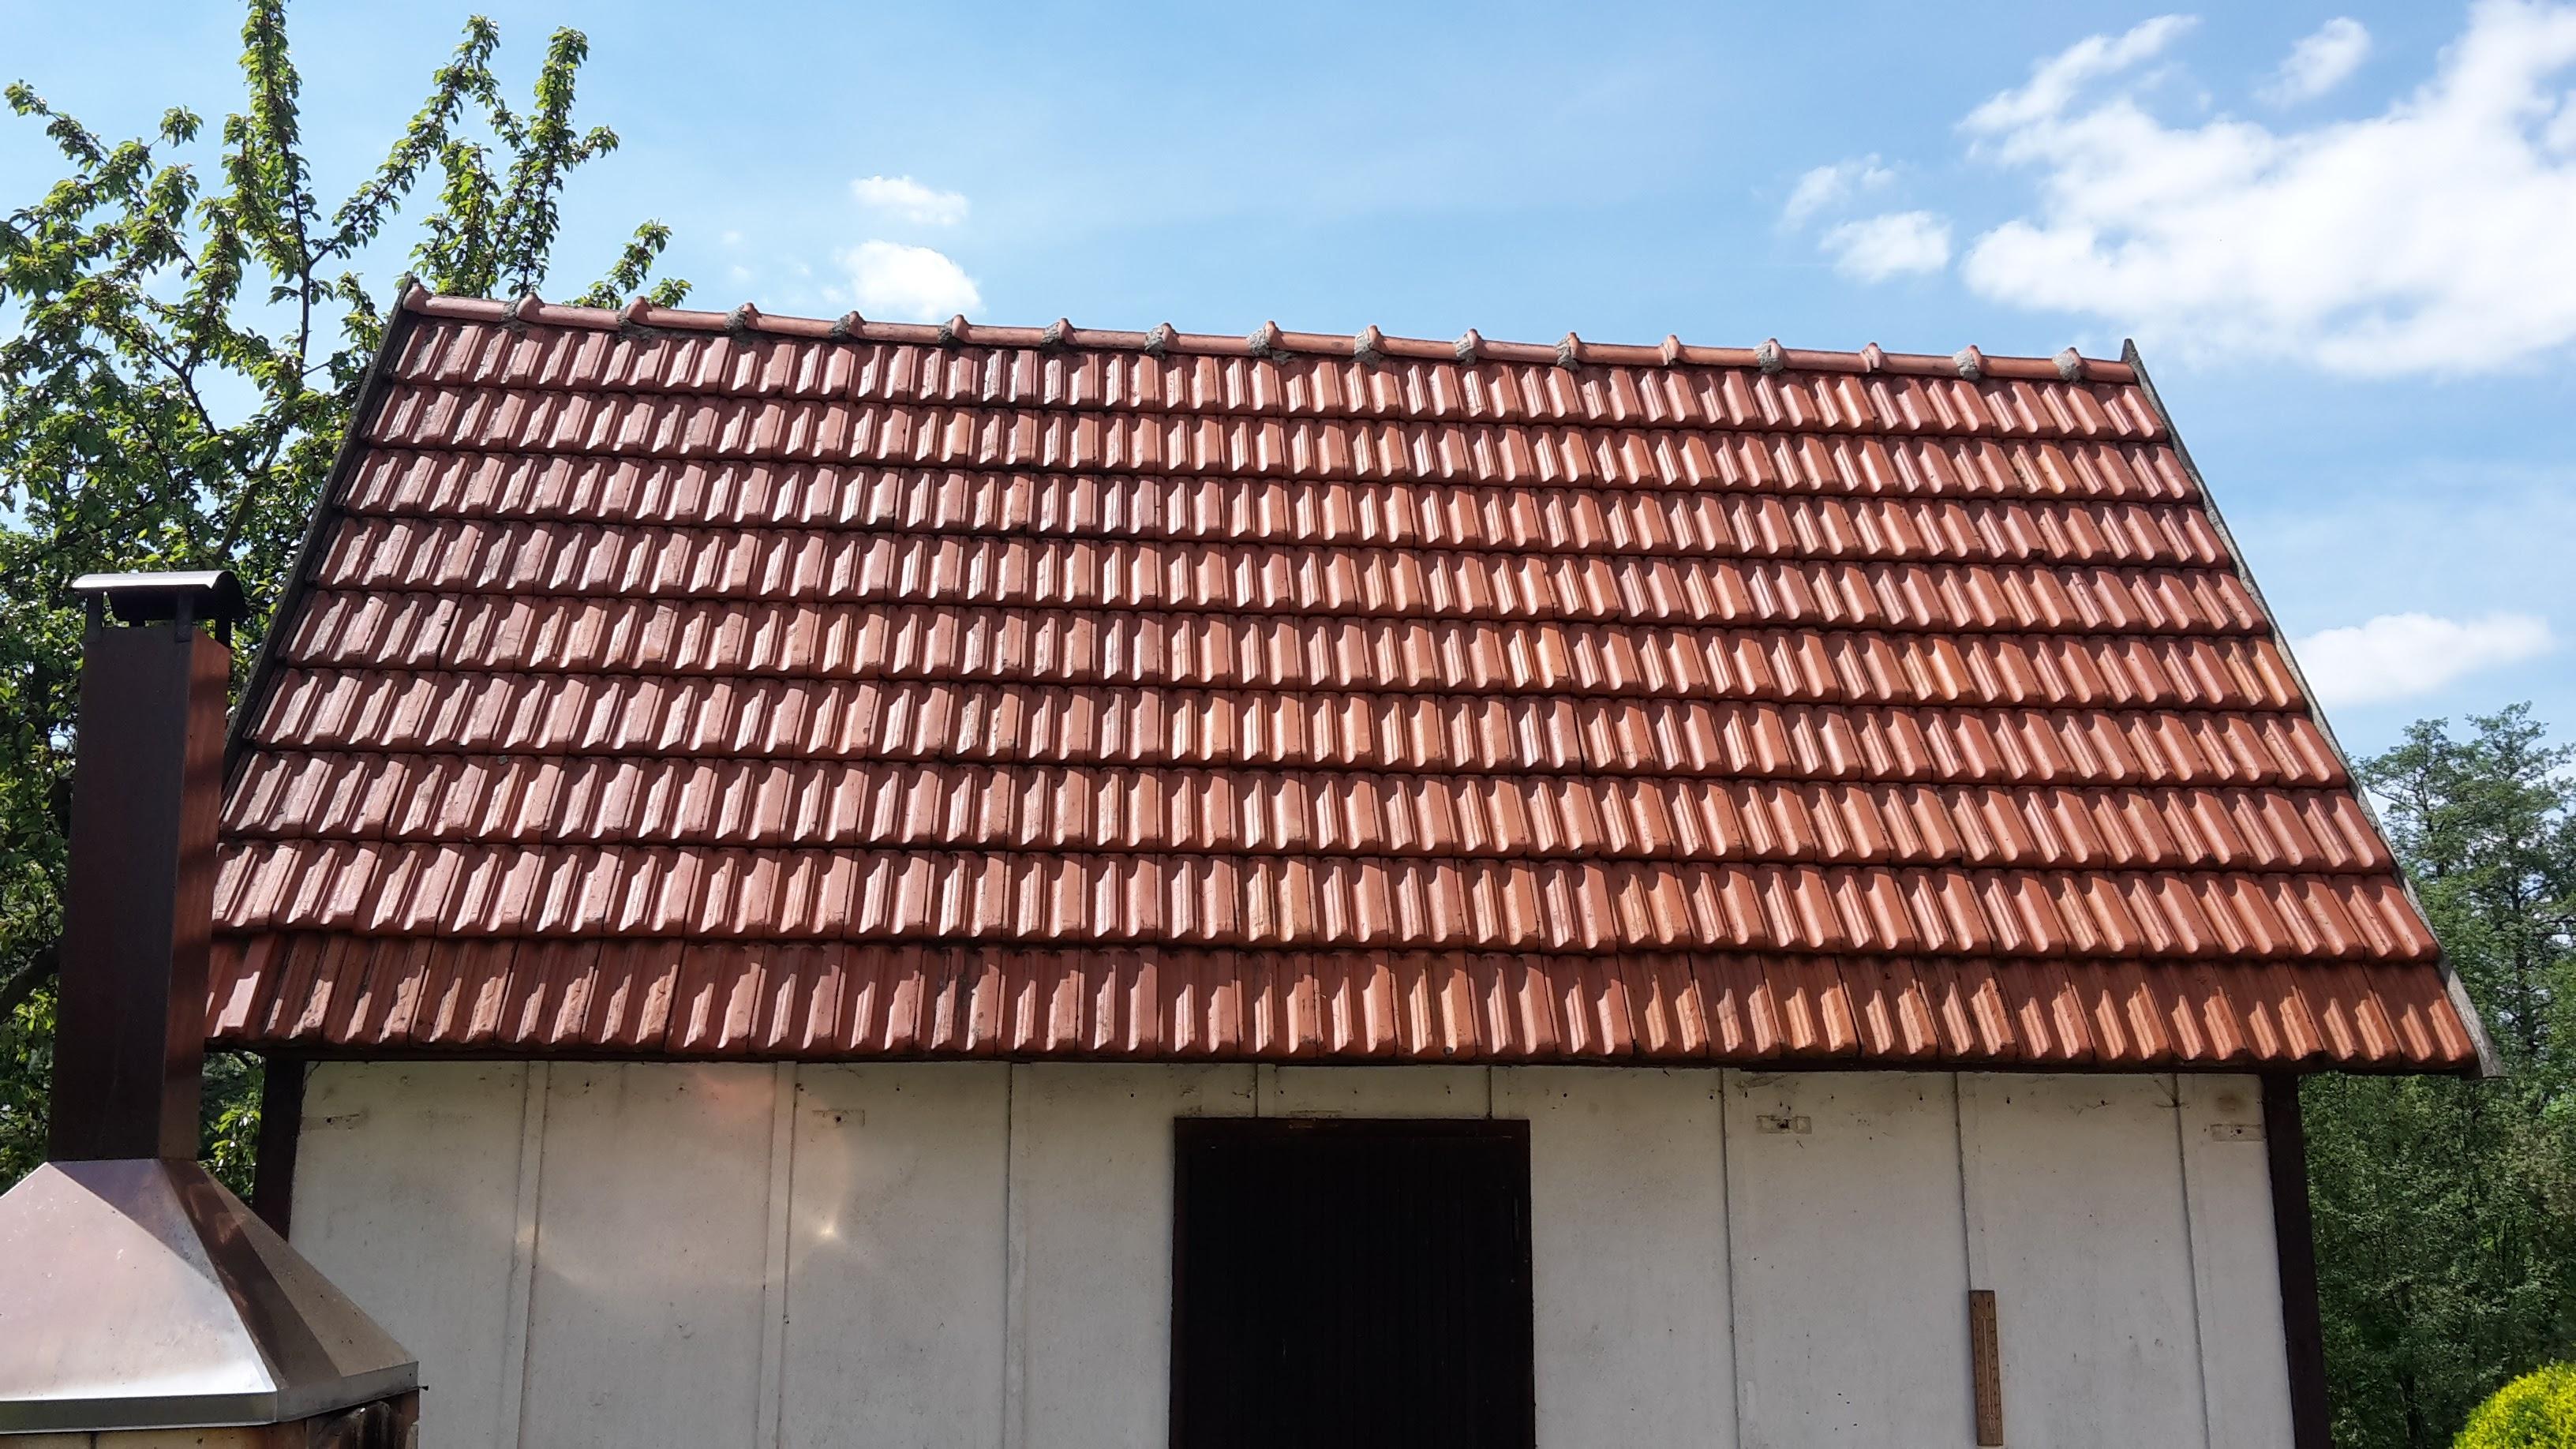 odstranění mechu ze střechy, Havlíčkův Brod